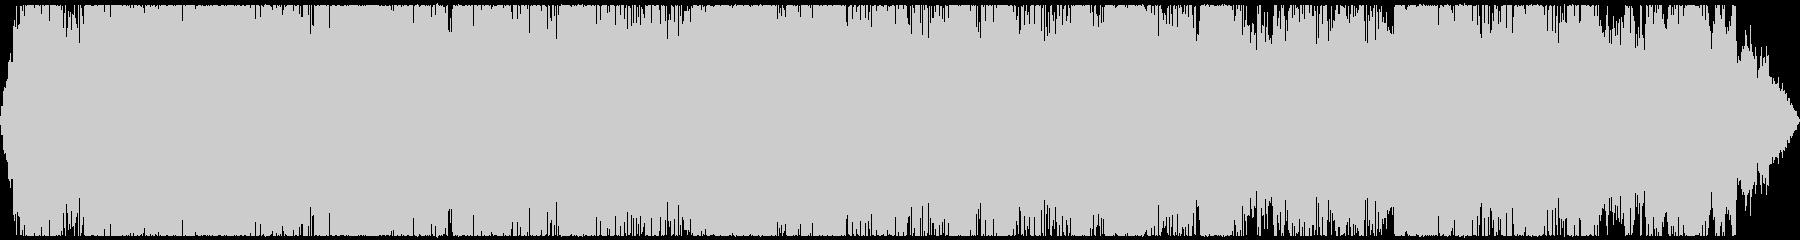 工事現場の騒音 ゴゴゴ カンカン その1の未再生の波形